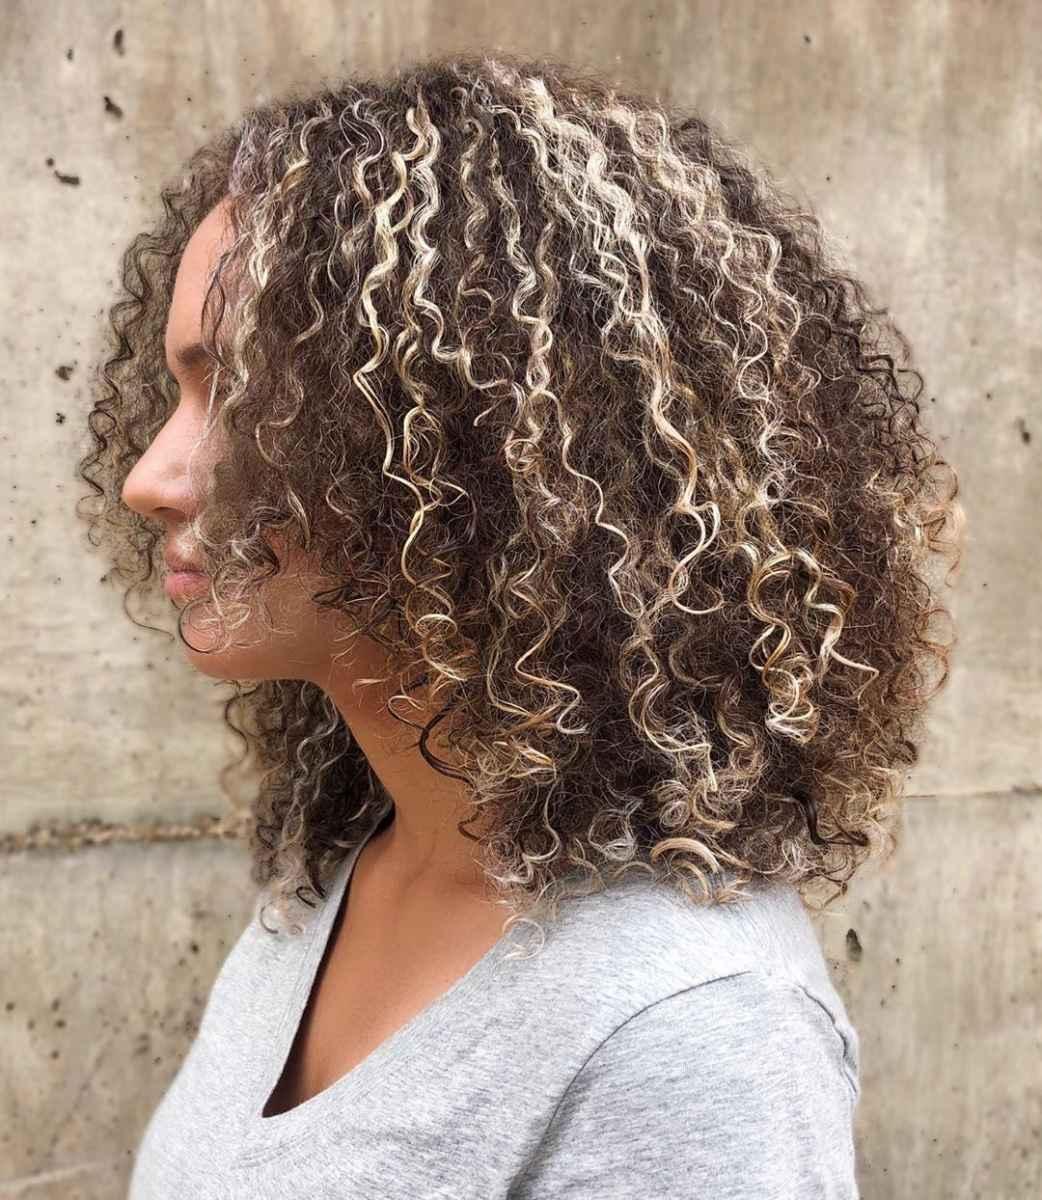 Стрижка каре на вьющиеся волосы 2020 фото_27